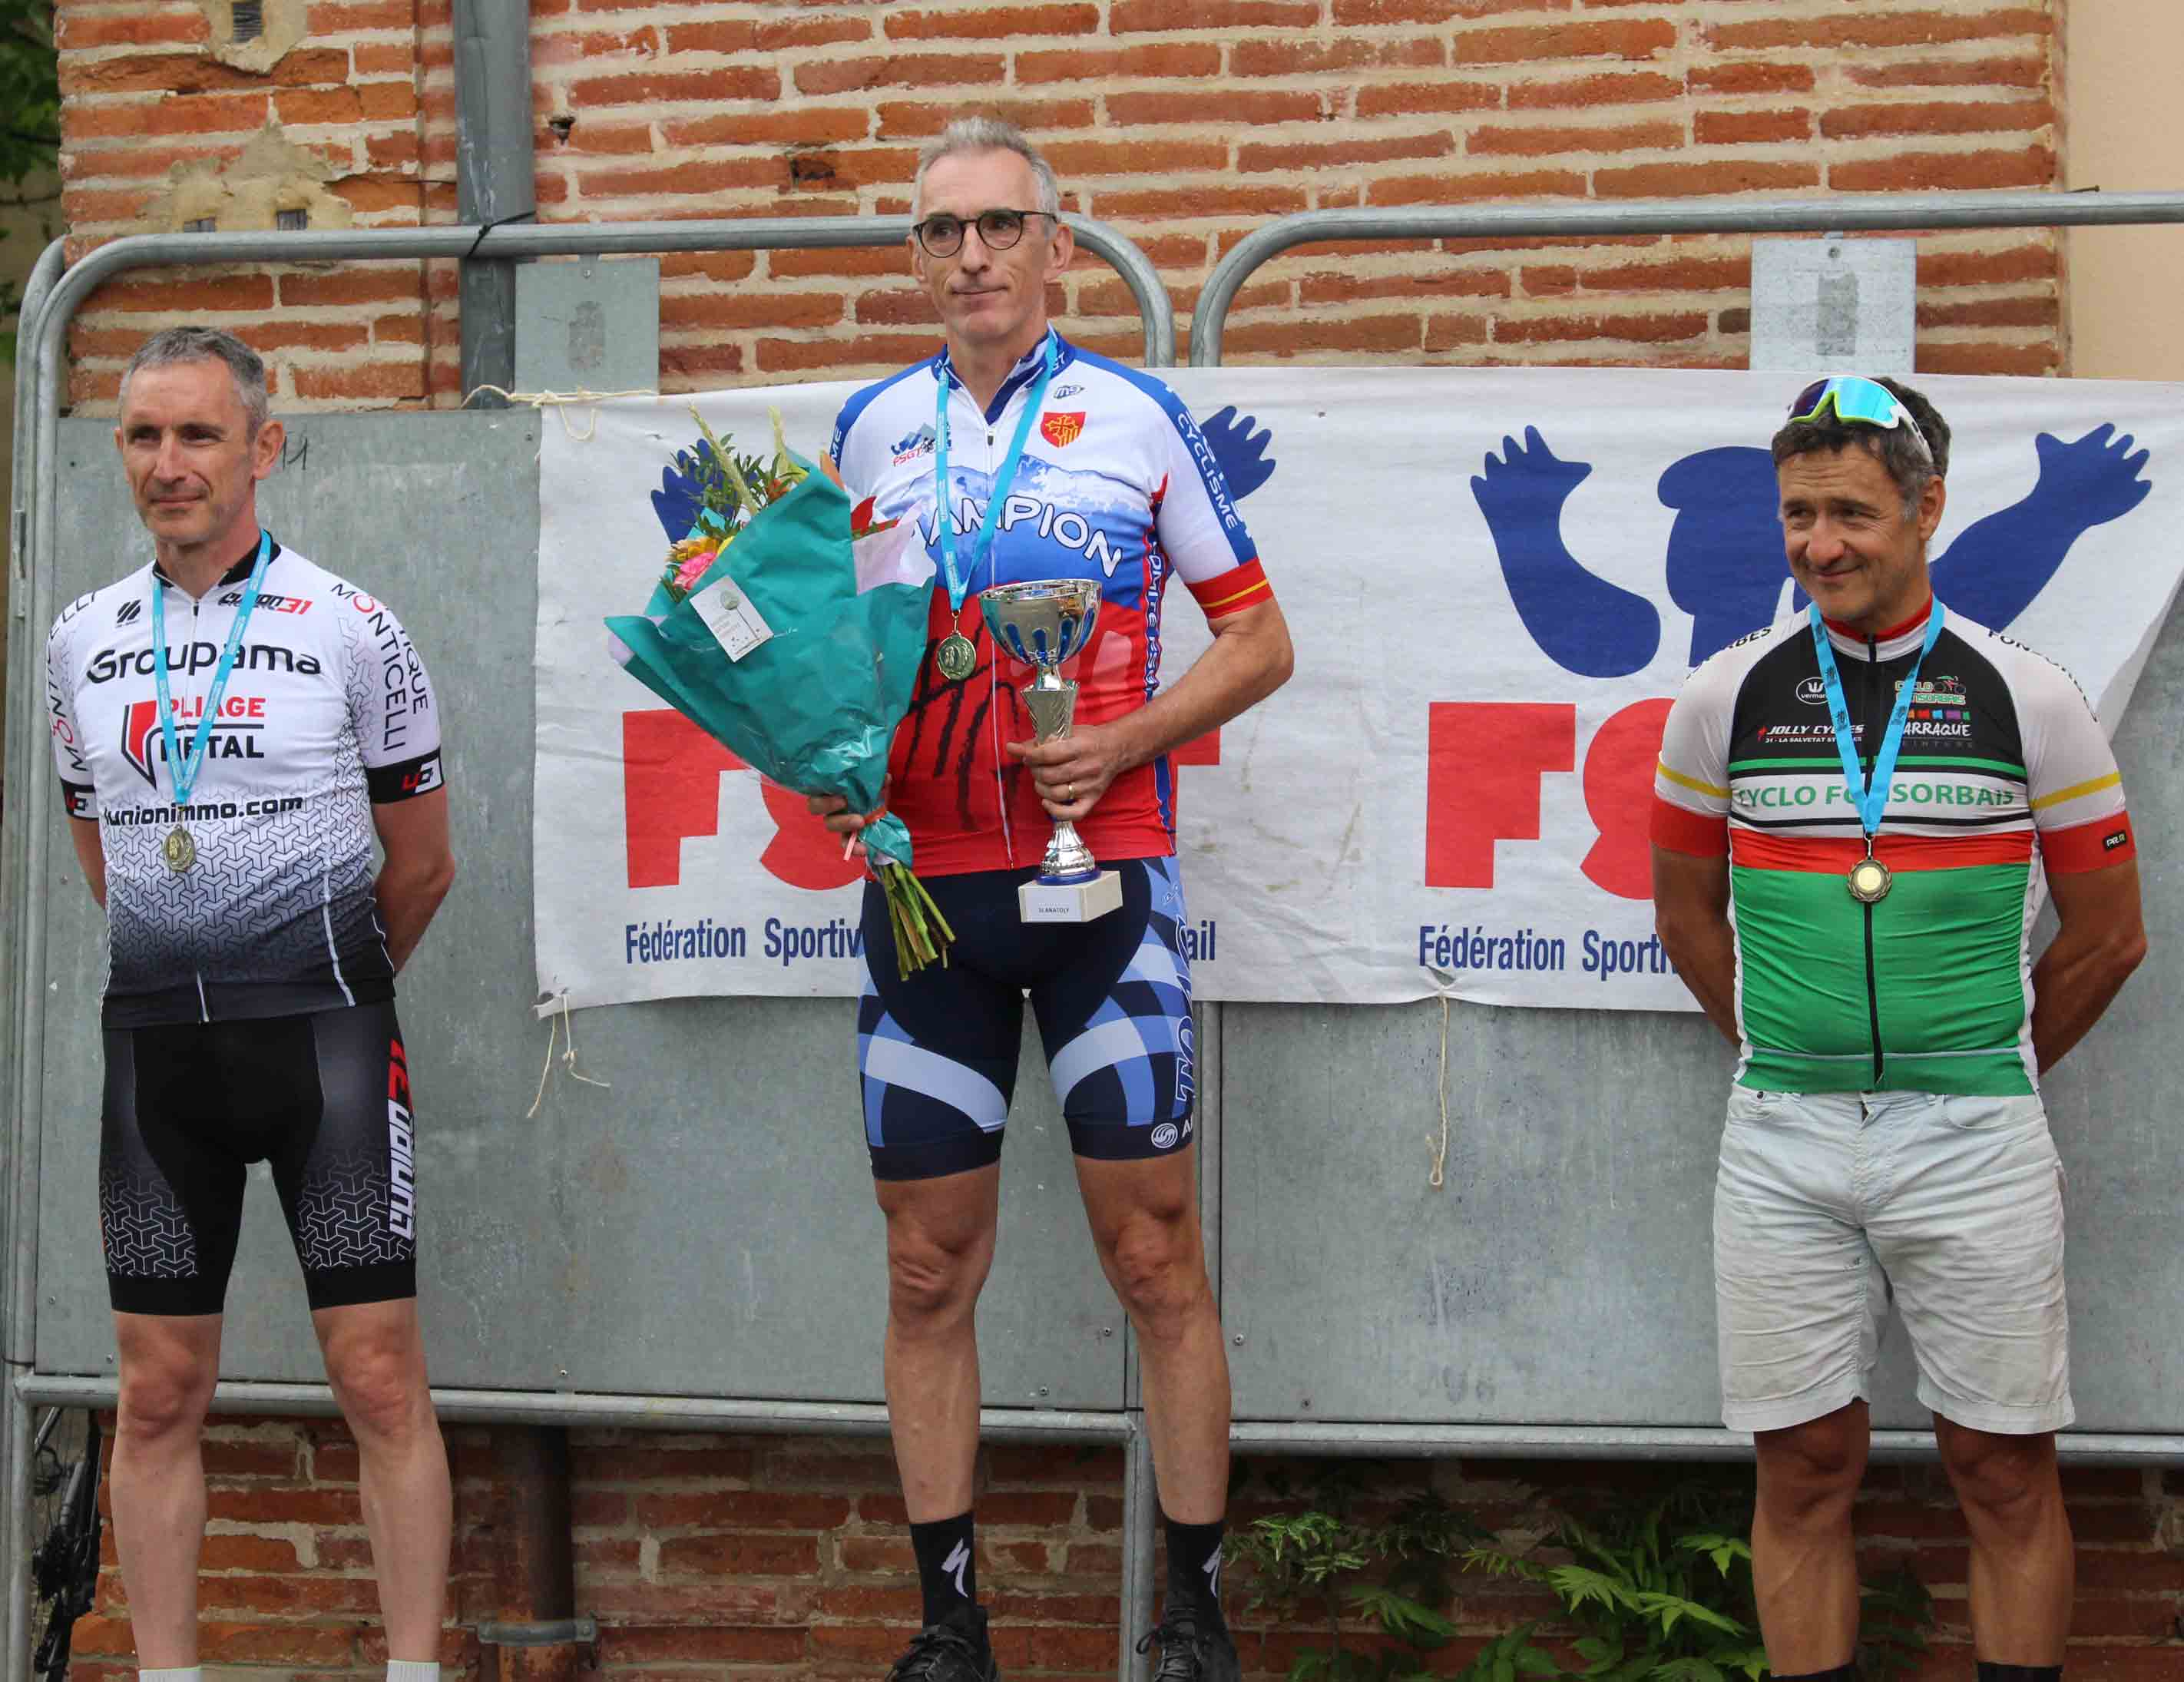 Pierre champion en super vétéran!